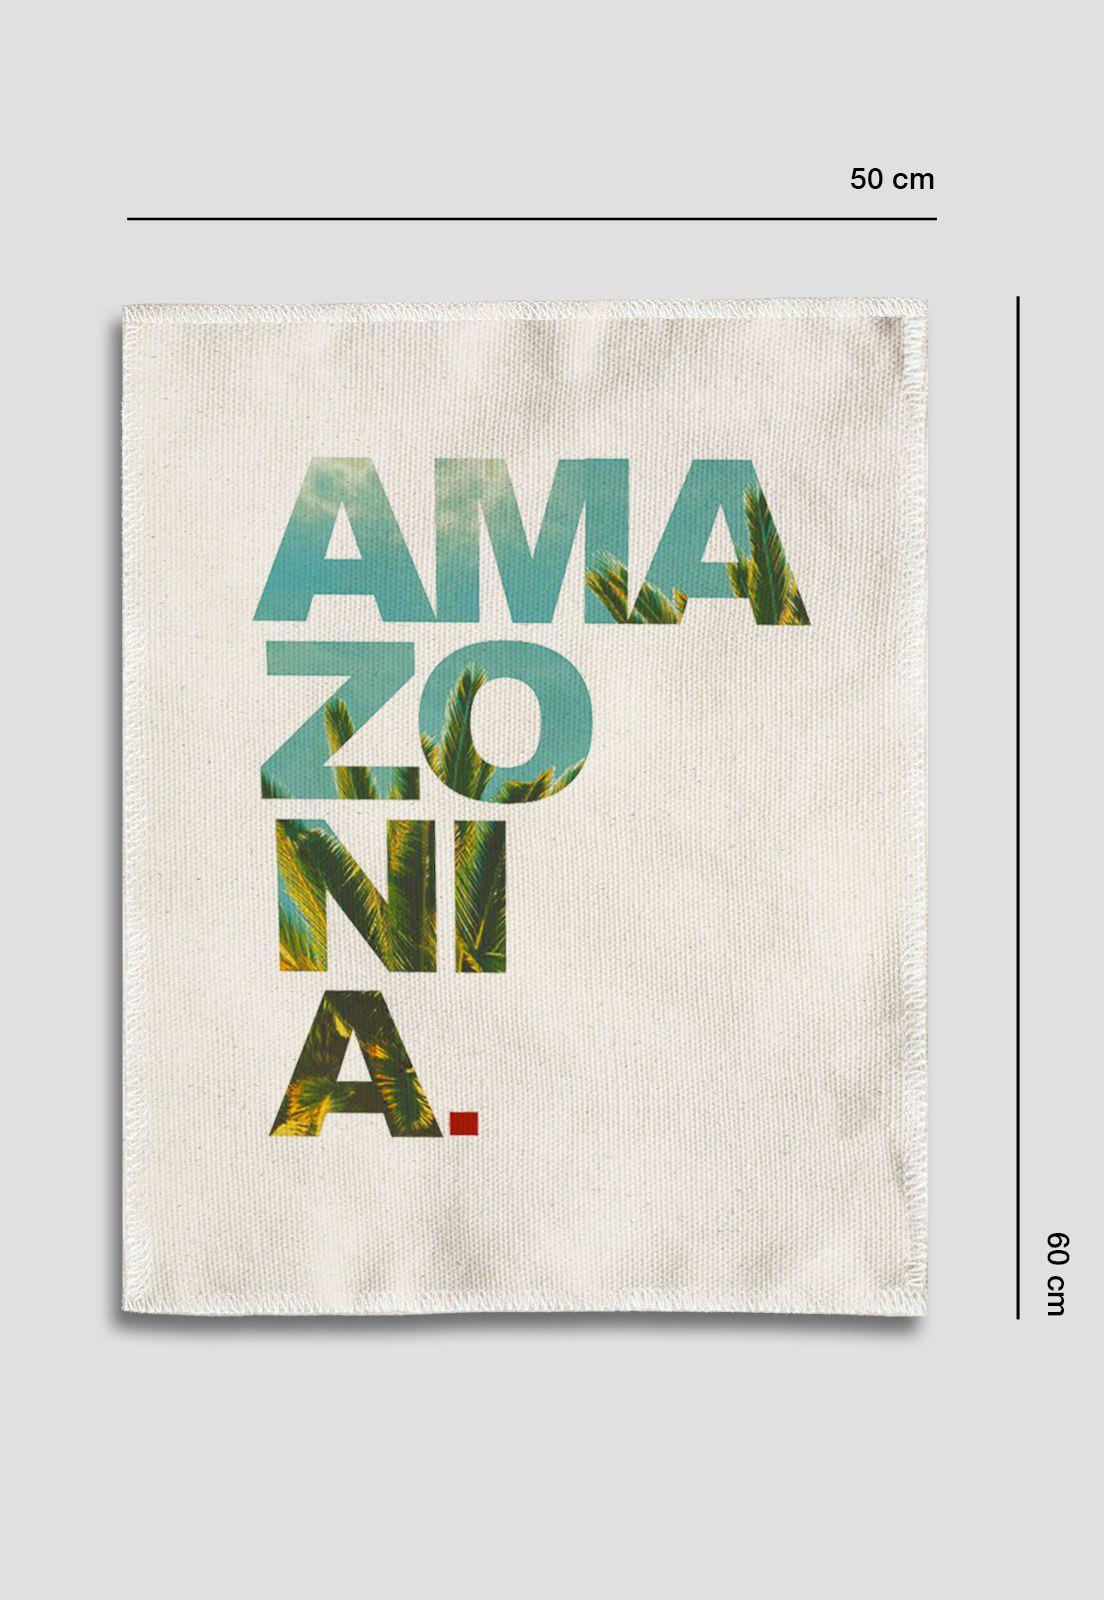 Tela Amazônia - Ama zô ni a